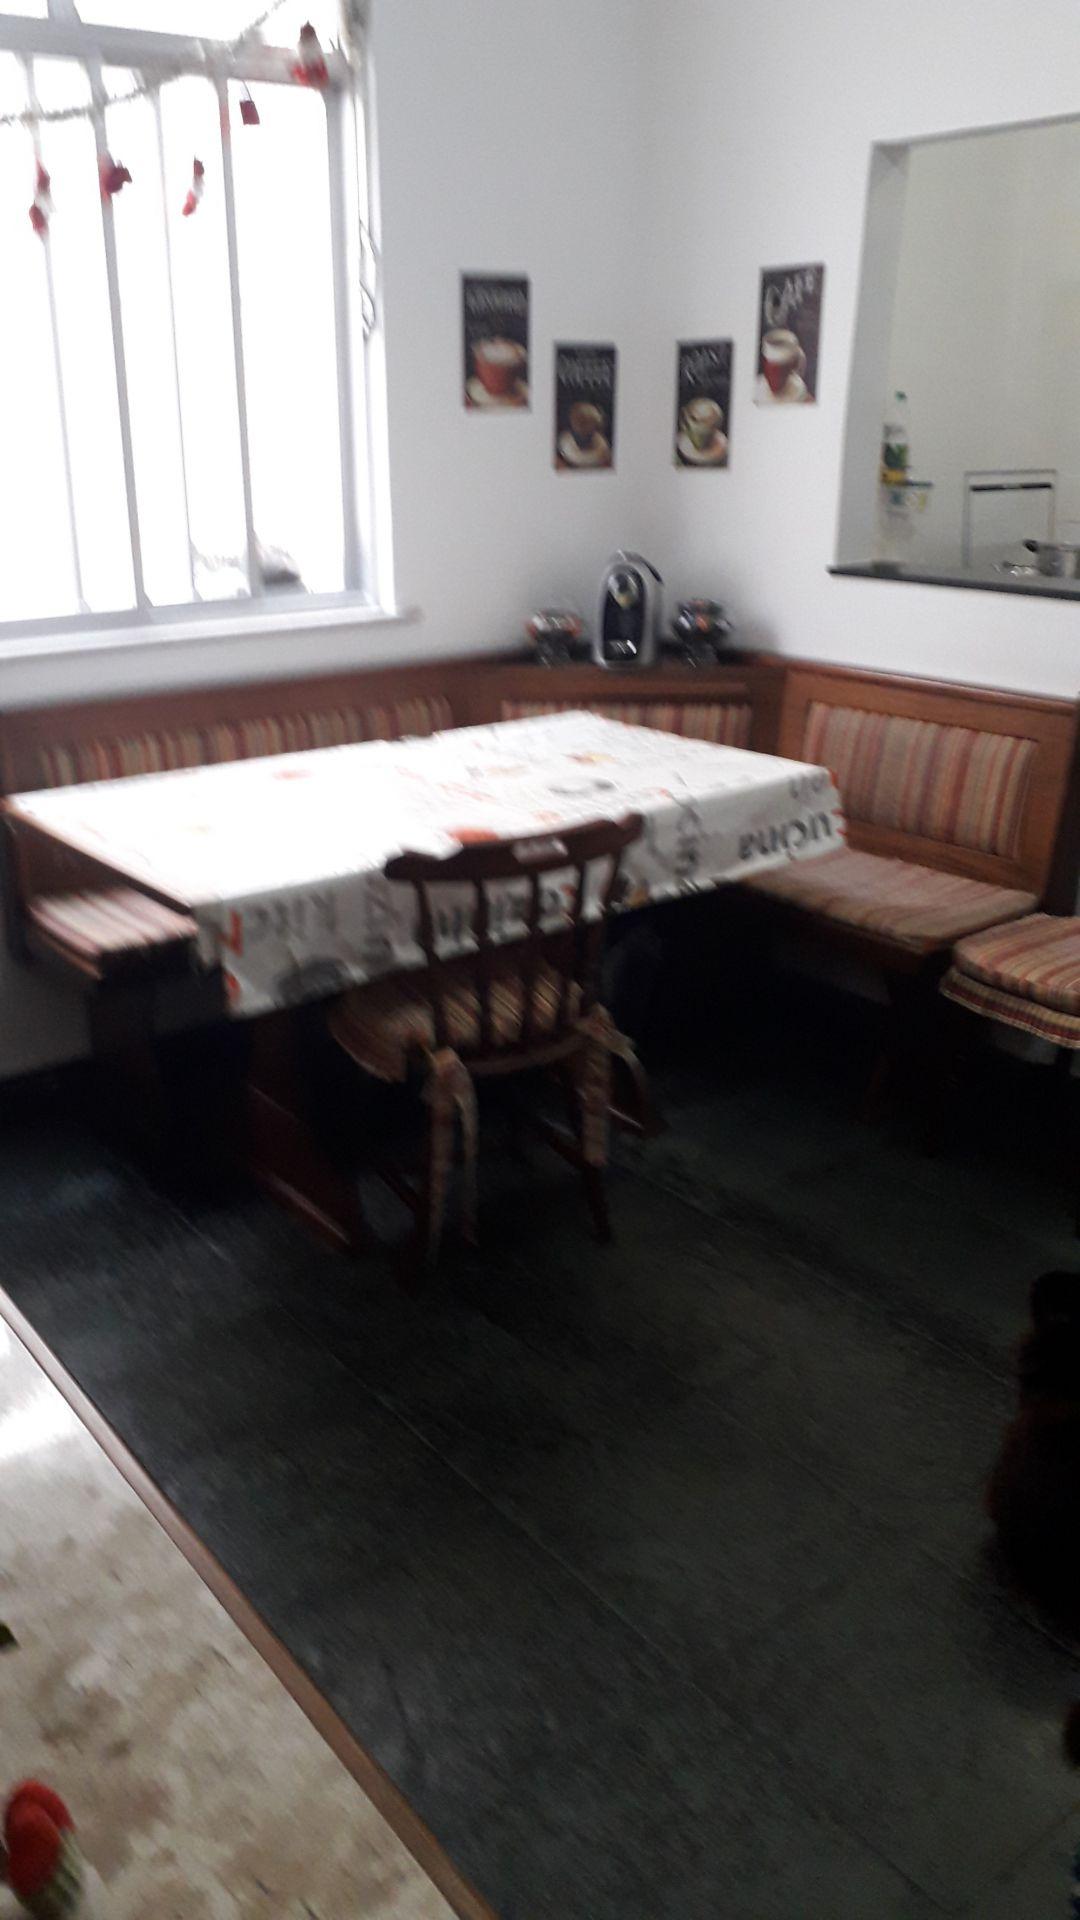 SALA - Apartamento Rua visconde de santa isabel,Grajaú, Grajaú,Rio de Janeiro, RJ À Venda, 2 Quartos, 59m² - 000484 - 10